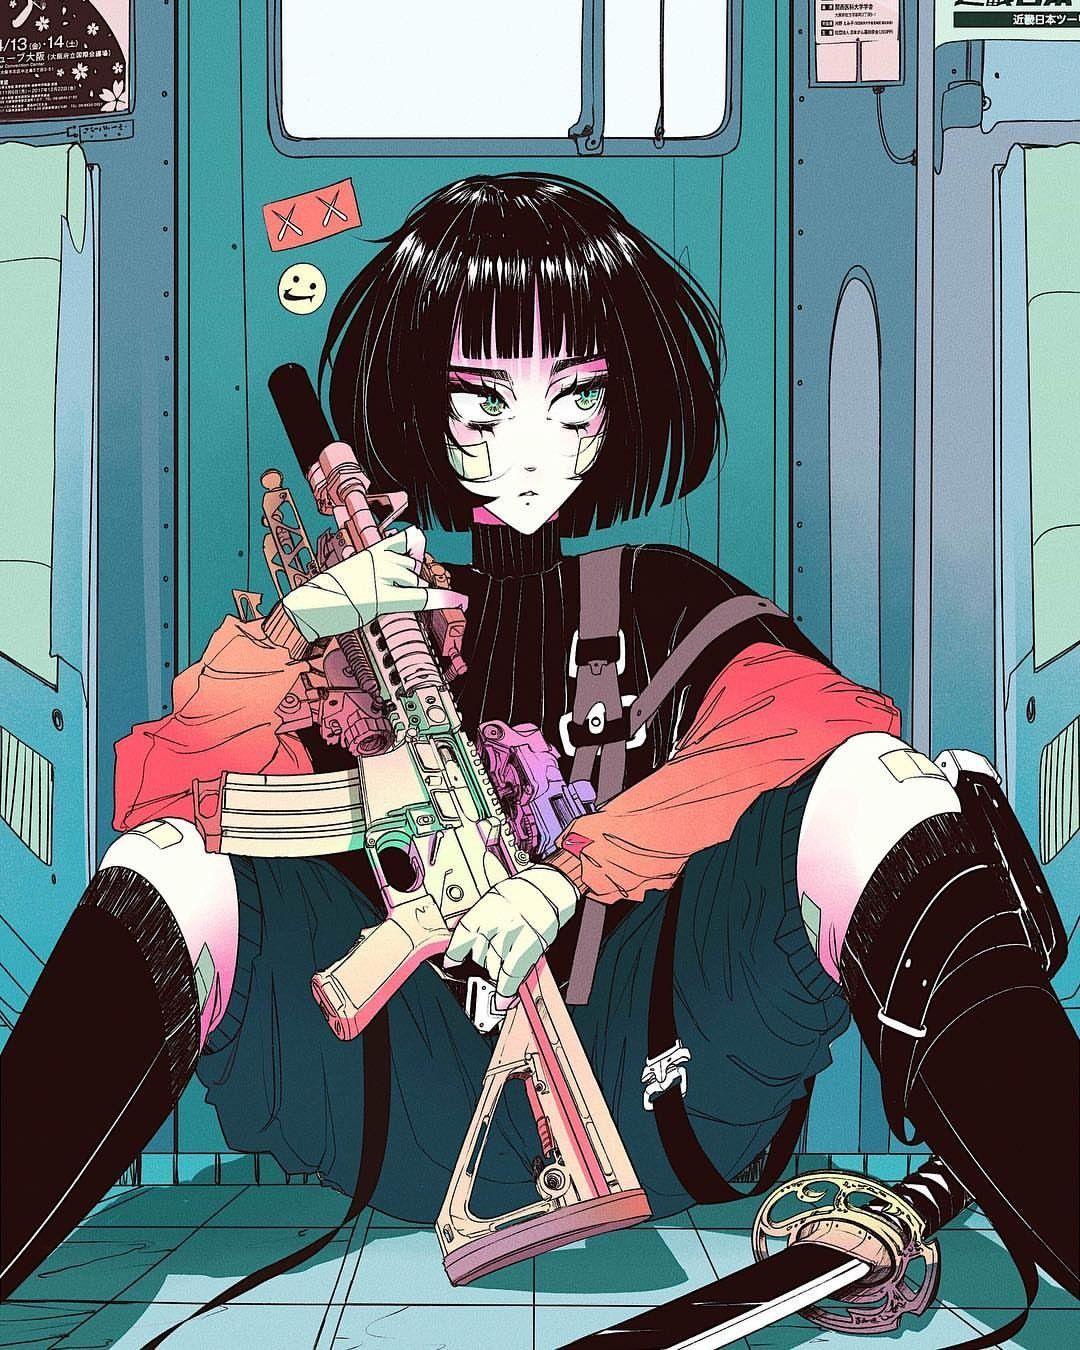 𝘺 𝘰 𝘴 𝘩 𝘪 𝘬 𝘰 よし Character art, Manga art